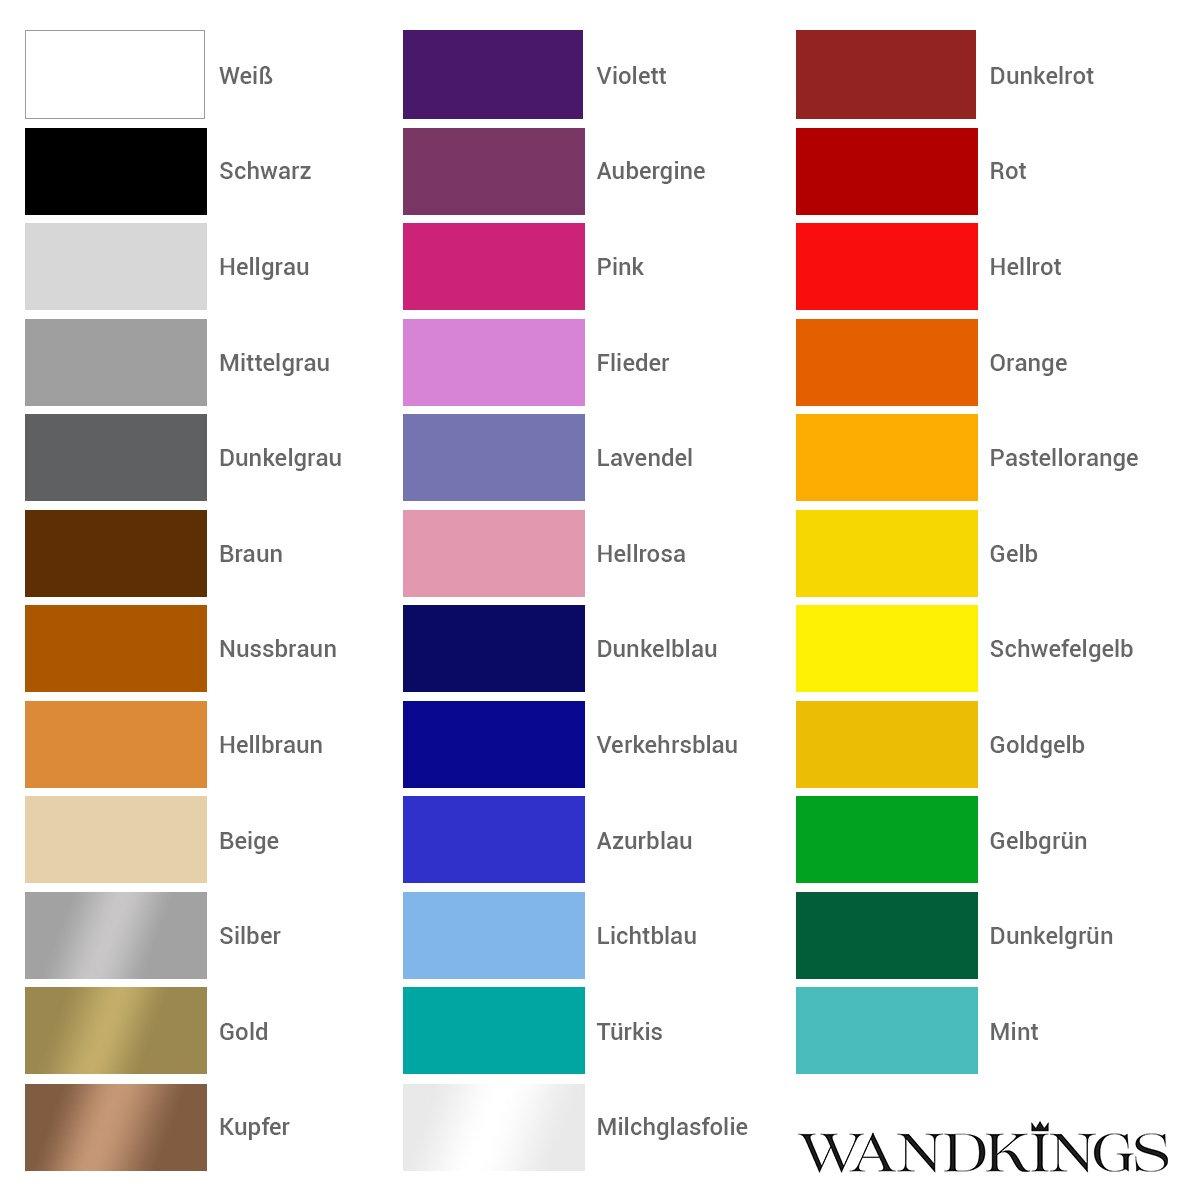 WANDKINGS Wandtattoo - Skyline Trier (ohne Fluss) - 240 240 240 x 36 cm - Schwarz - Wähle aus 6 Größen & 35 Farben B078SC6F32 Wandtattoos & Wandbilder 1d03c6